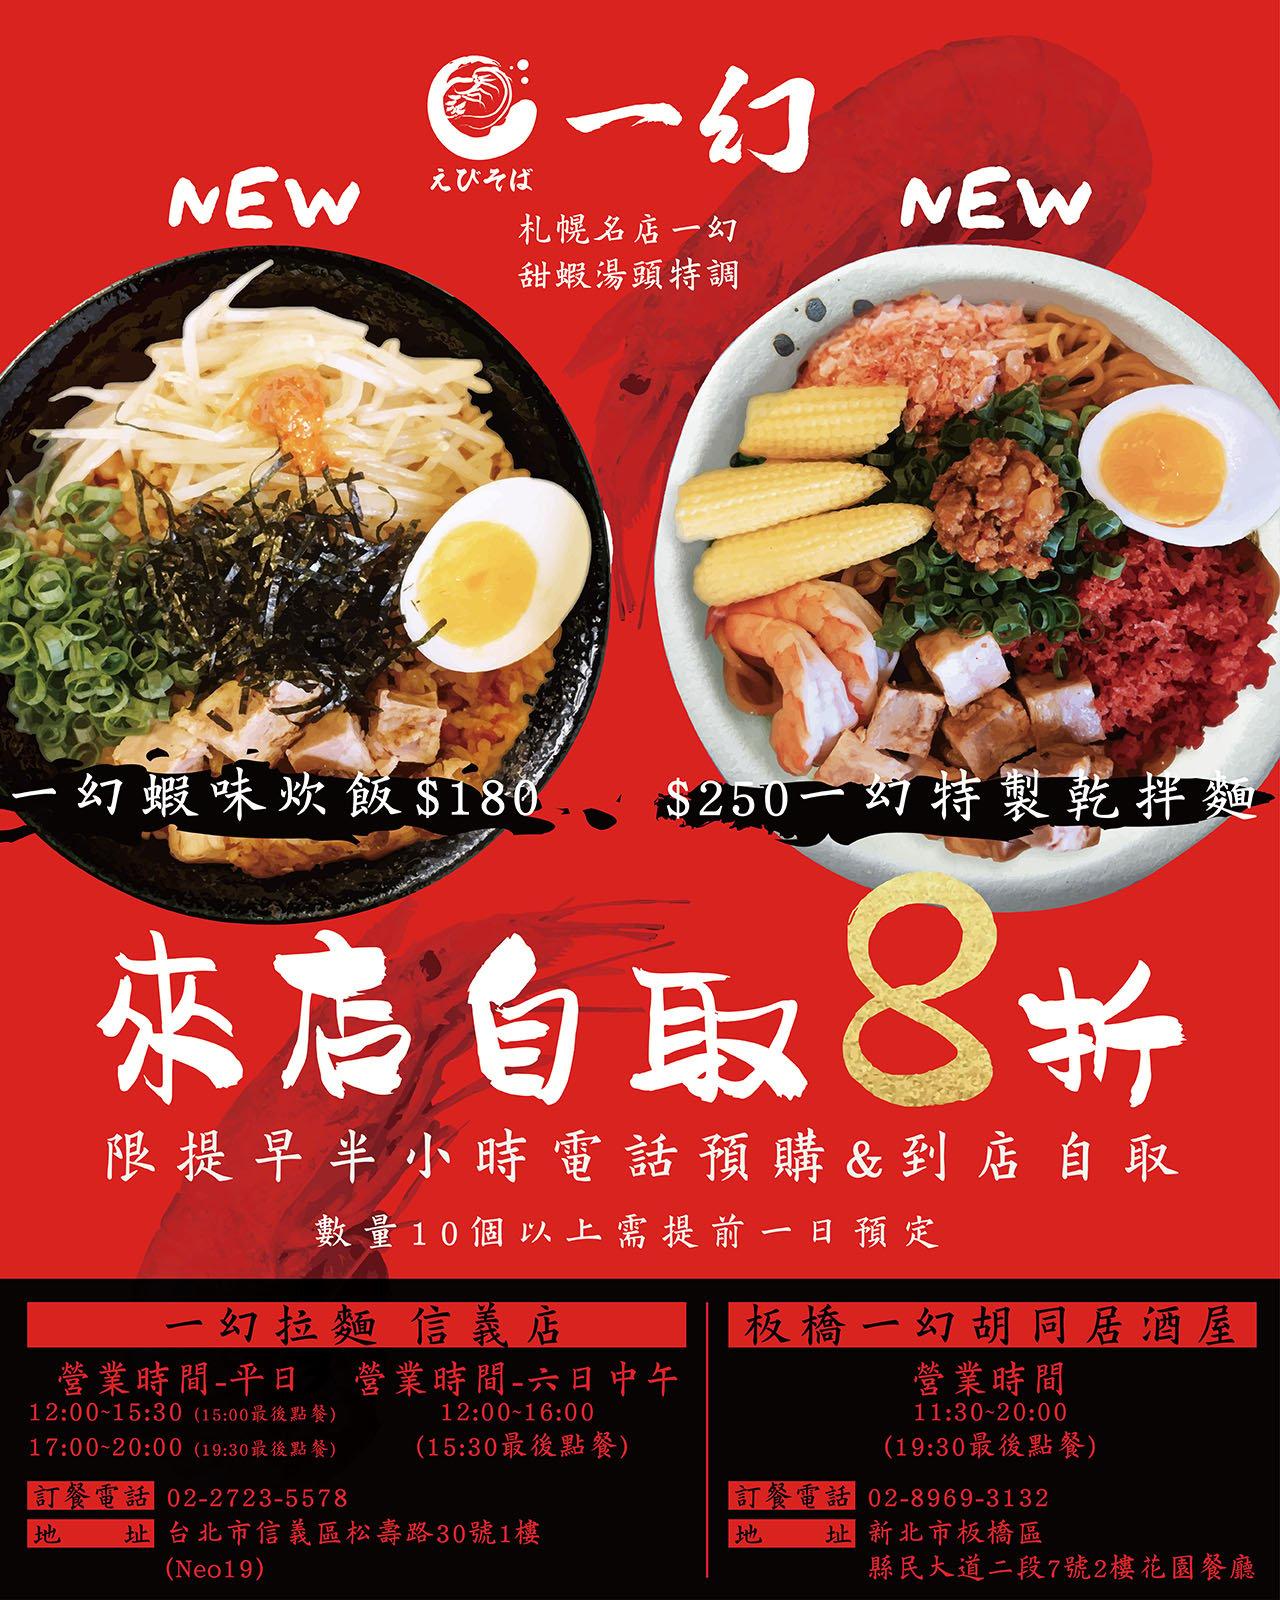 台北外帶美食 優惠餐廳總整理 防疫期間外帶優惠總整理! 連鎖品牌外帶優惠懶人包 79